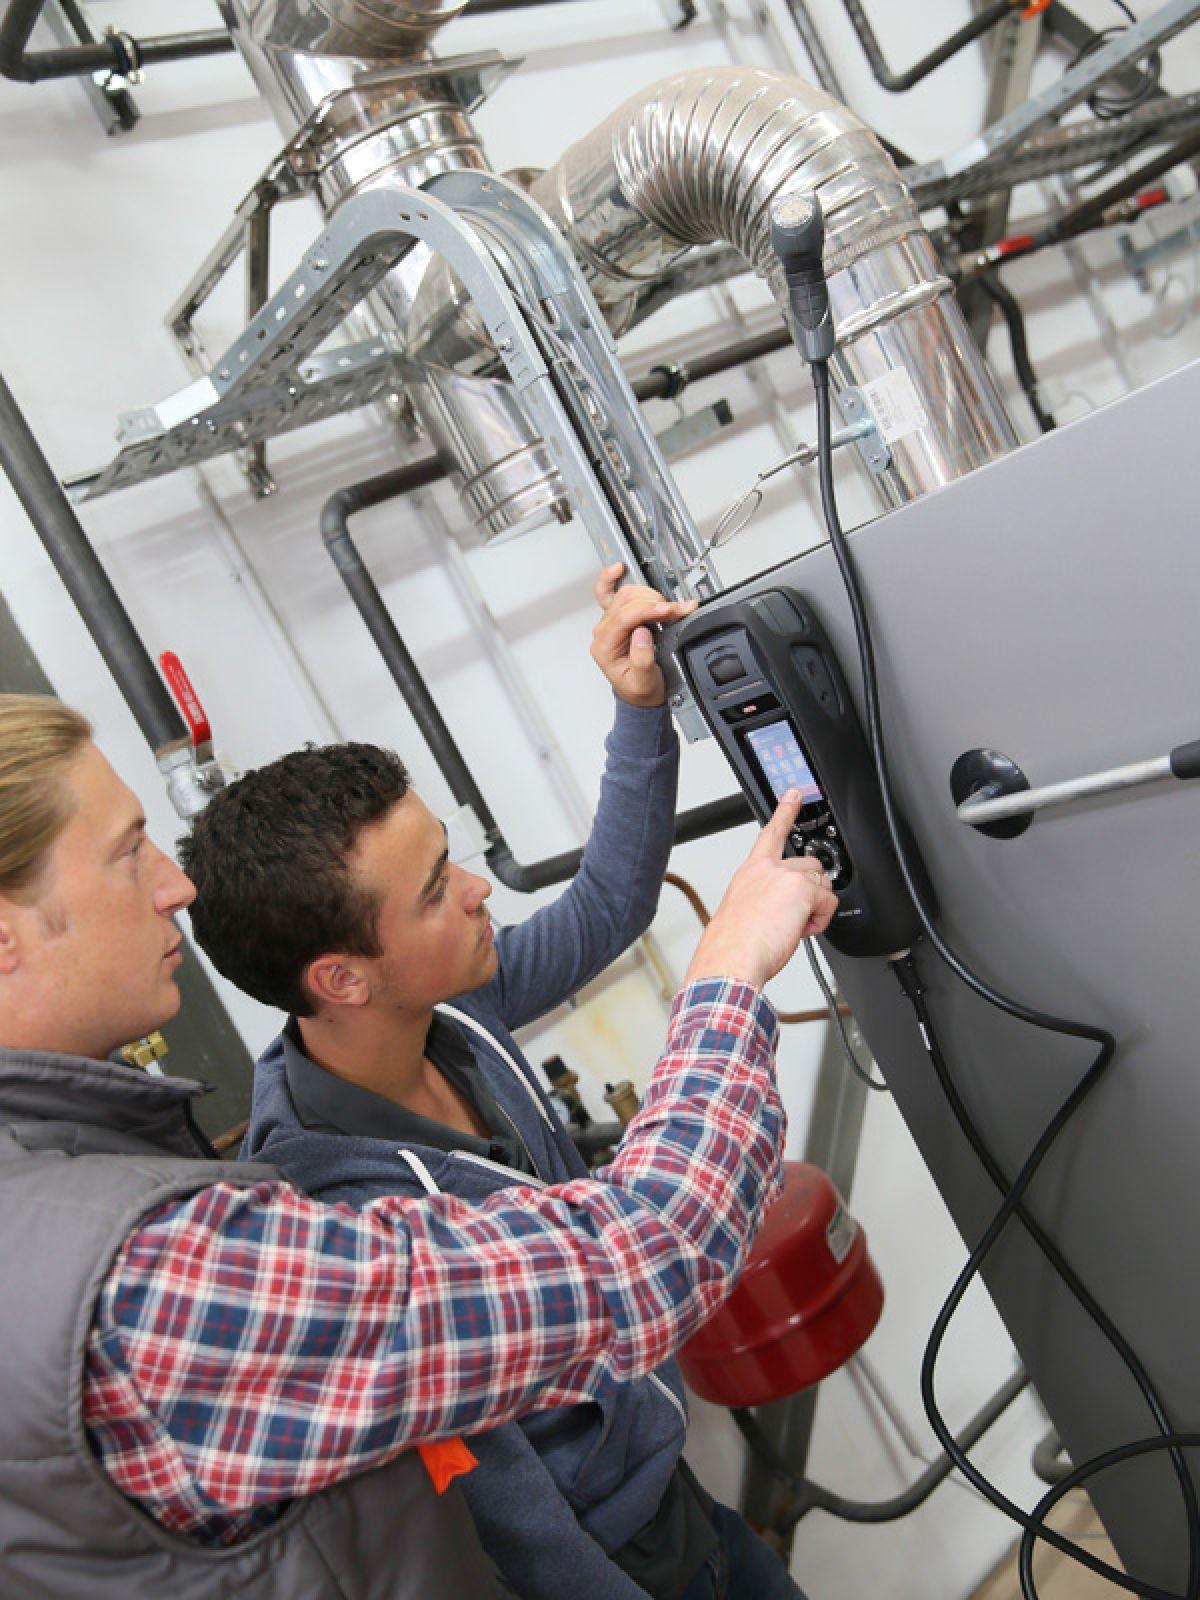 Pronto-intervento-caldaie-condizionatori2_1200_1600_1